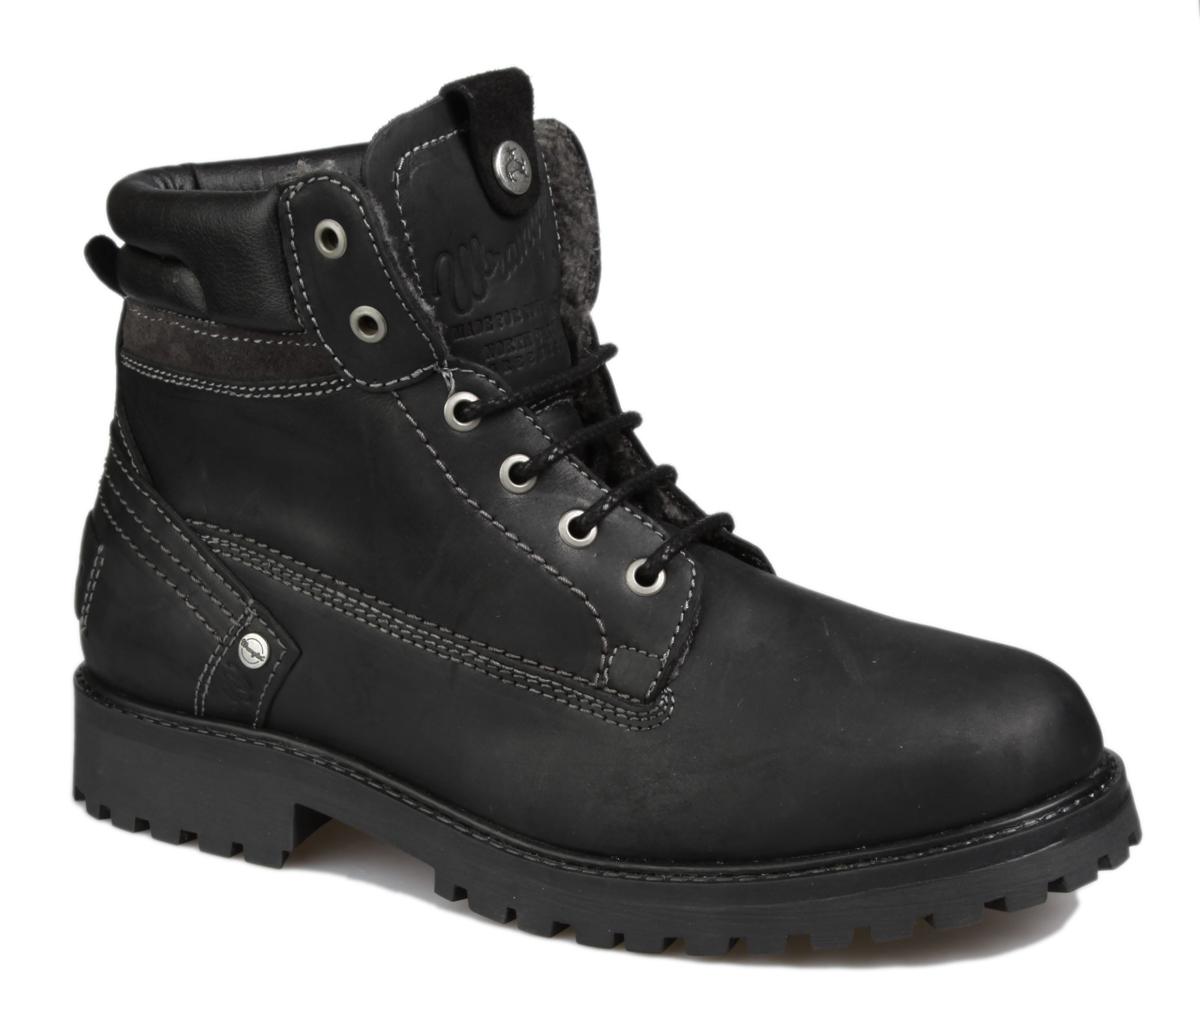 Ботинки мужские Wrangler Yuma Creek Fur, цвет: черный. WM152007/F-62. Размер 43WM152007/F-62Стильные мужские ботинки Yuma Creek Fur от Wrangler выполнены из натуральной кожи. Подкладка и стелька из искусственного меха не дадут ногам замерзнуть. Шнуровка надежно зафиксирует модель на ноге. Подошва дополнена рифлением.